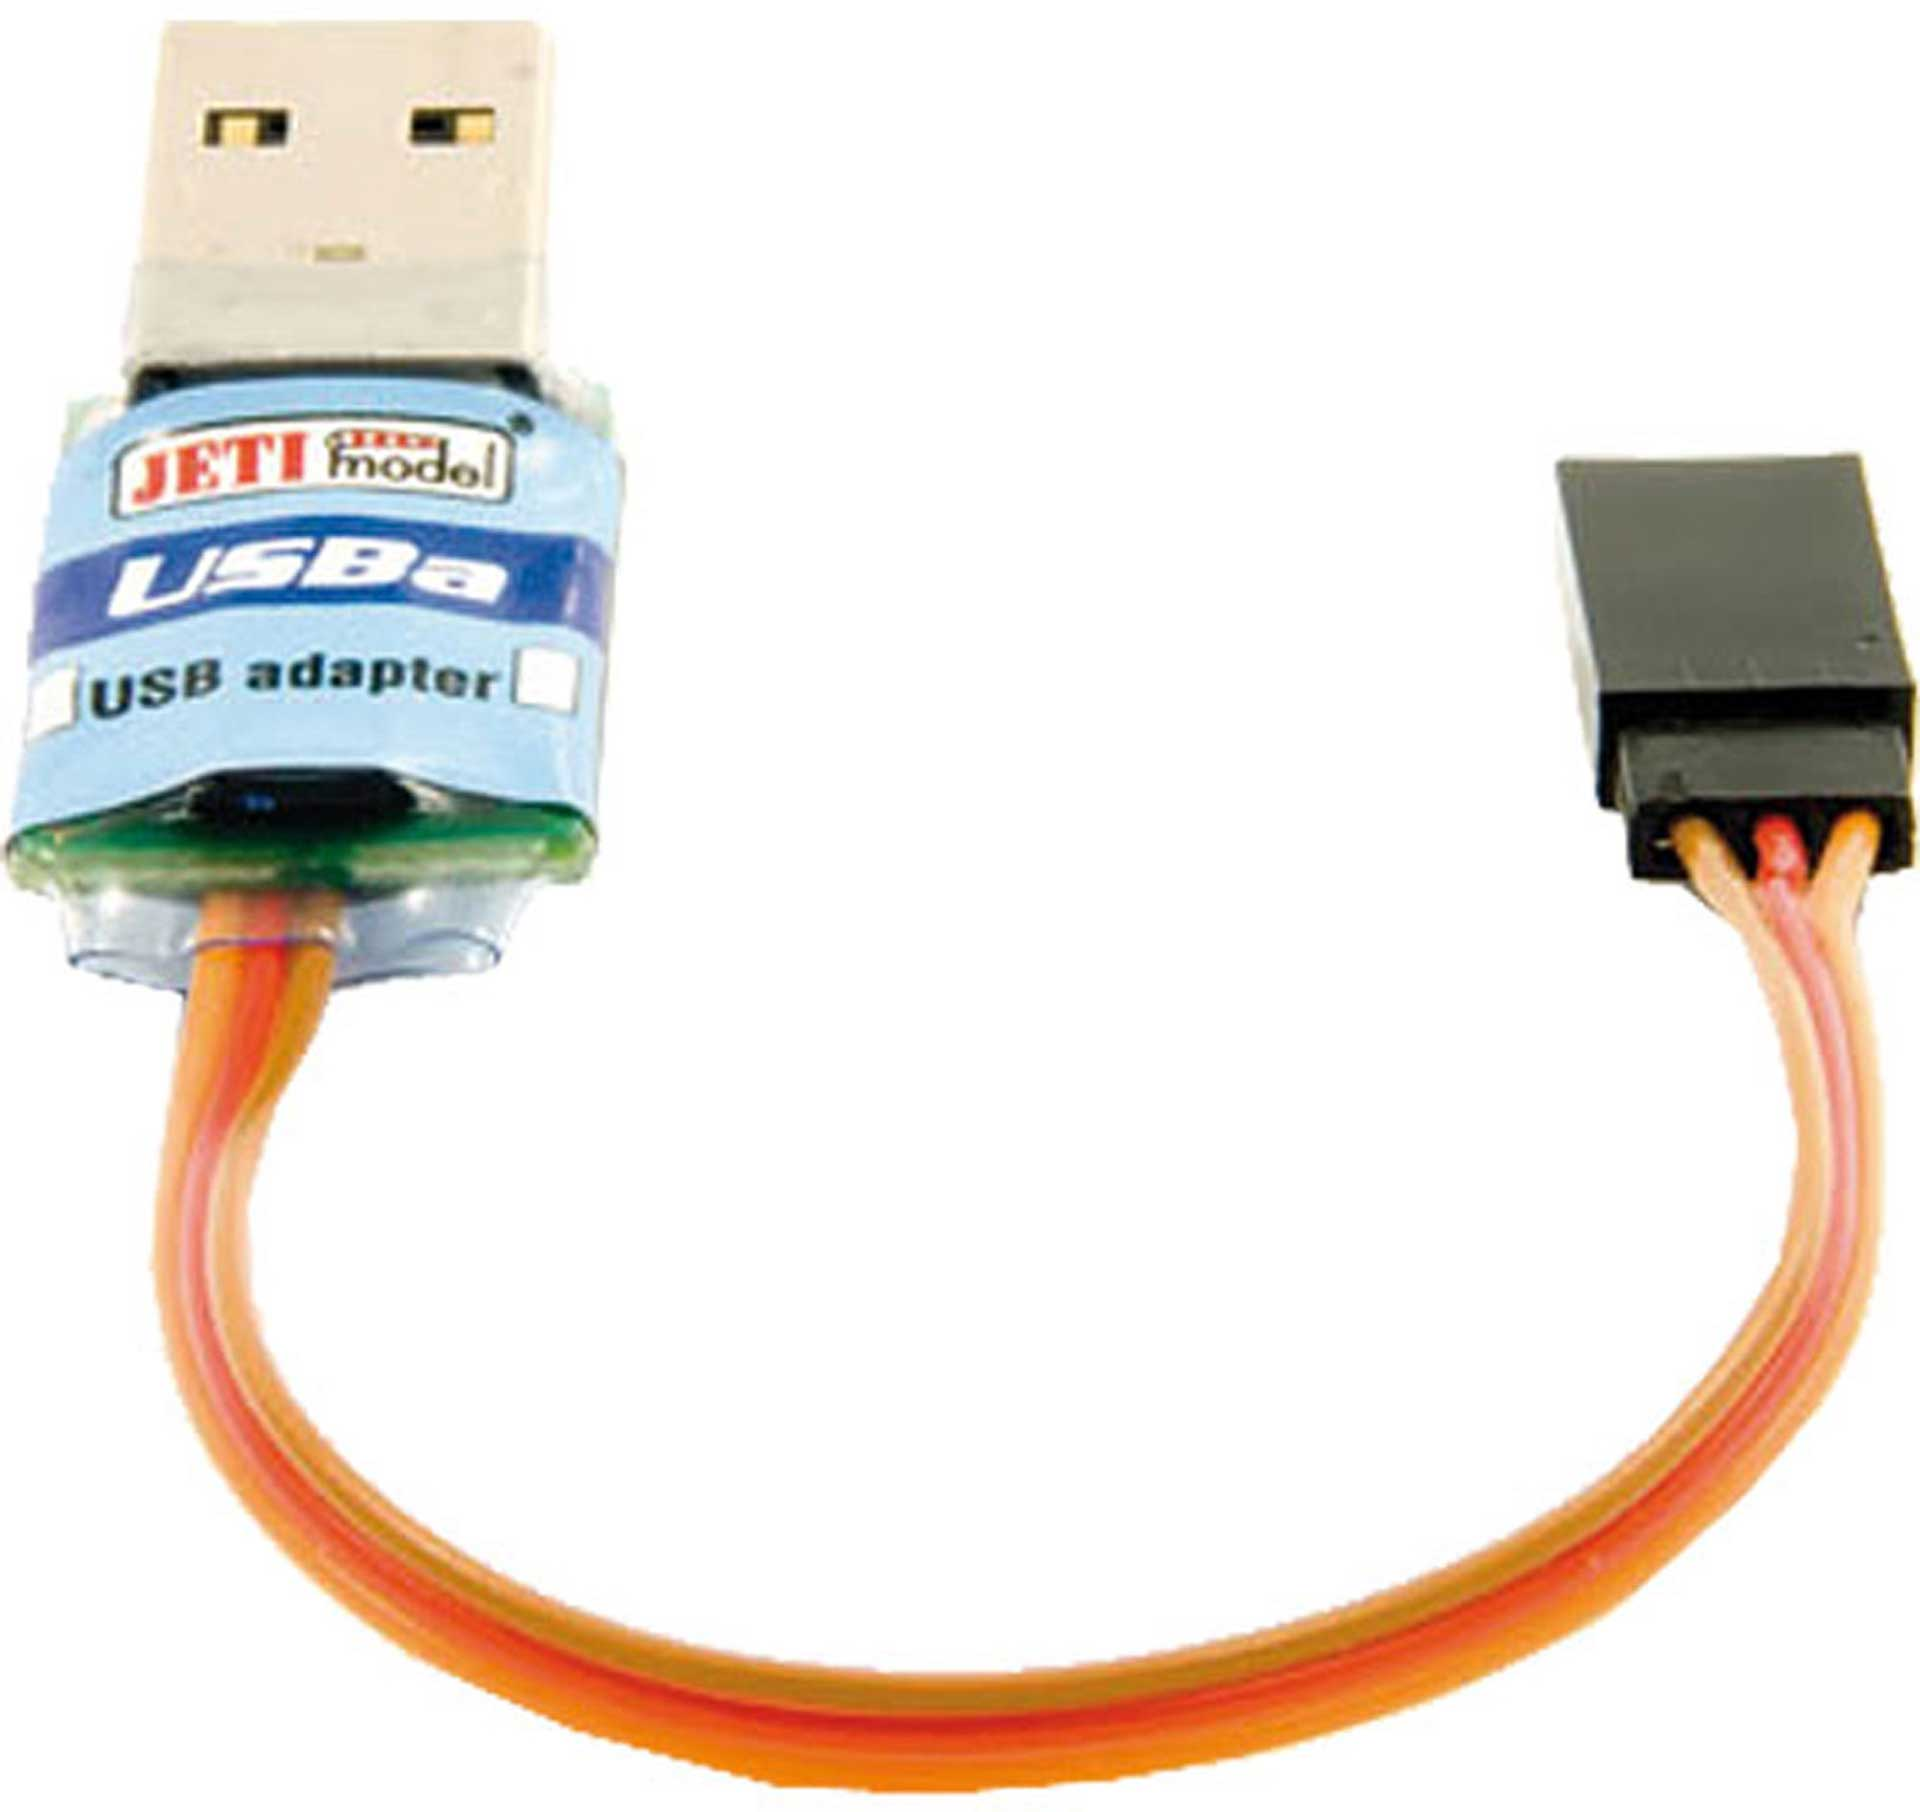 JETI DUPLEX 2.4EX USB ADAPTER FÜR MGPS-MODUL